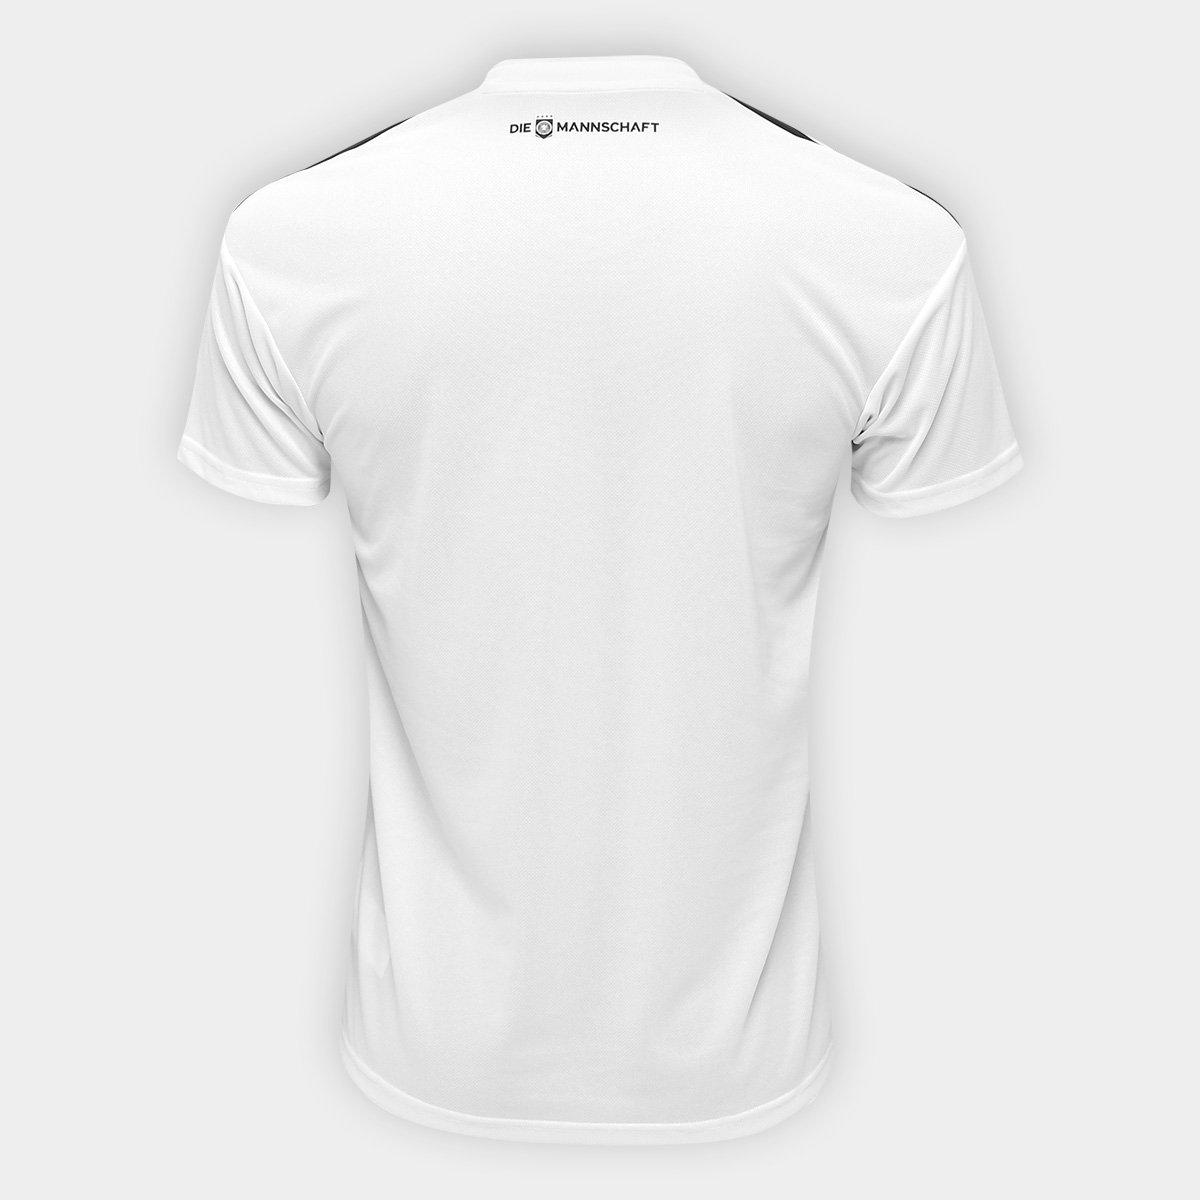 ... Camisa Seleção Alemanha Home 2018 s n° Torcedor Adidas Masculina ... c9a46067996ad